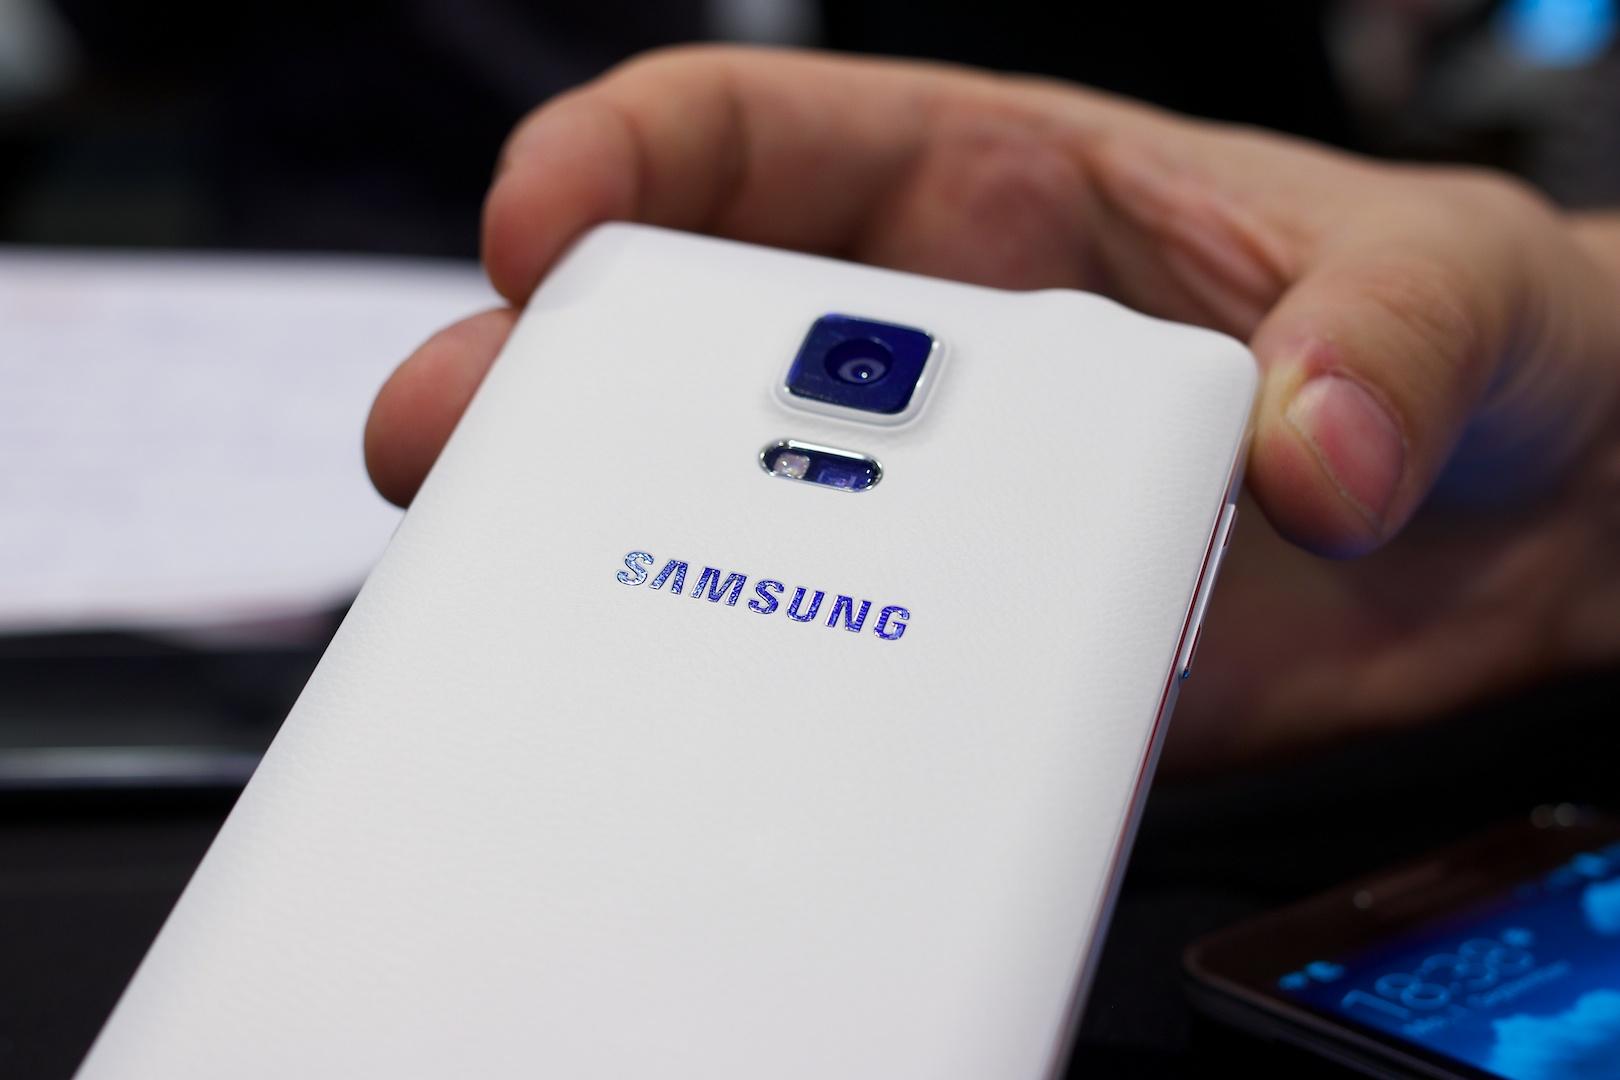 Markteinführung verzögert sich: Samsung bringt Galaxy Note 4 später - Die Kamera hat jetzt wie die des Galaxy S5 16 Megapixel. (Bild: Michael Wieczorek/Golem.de)